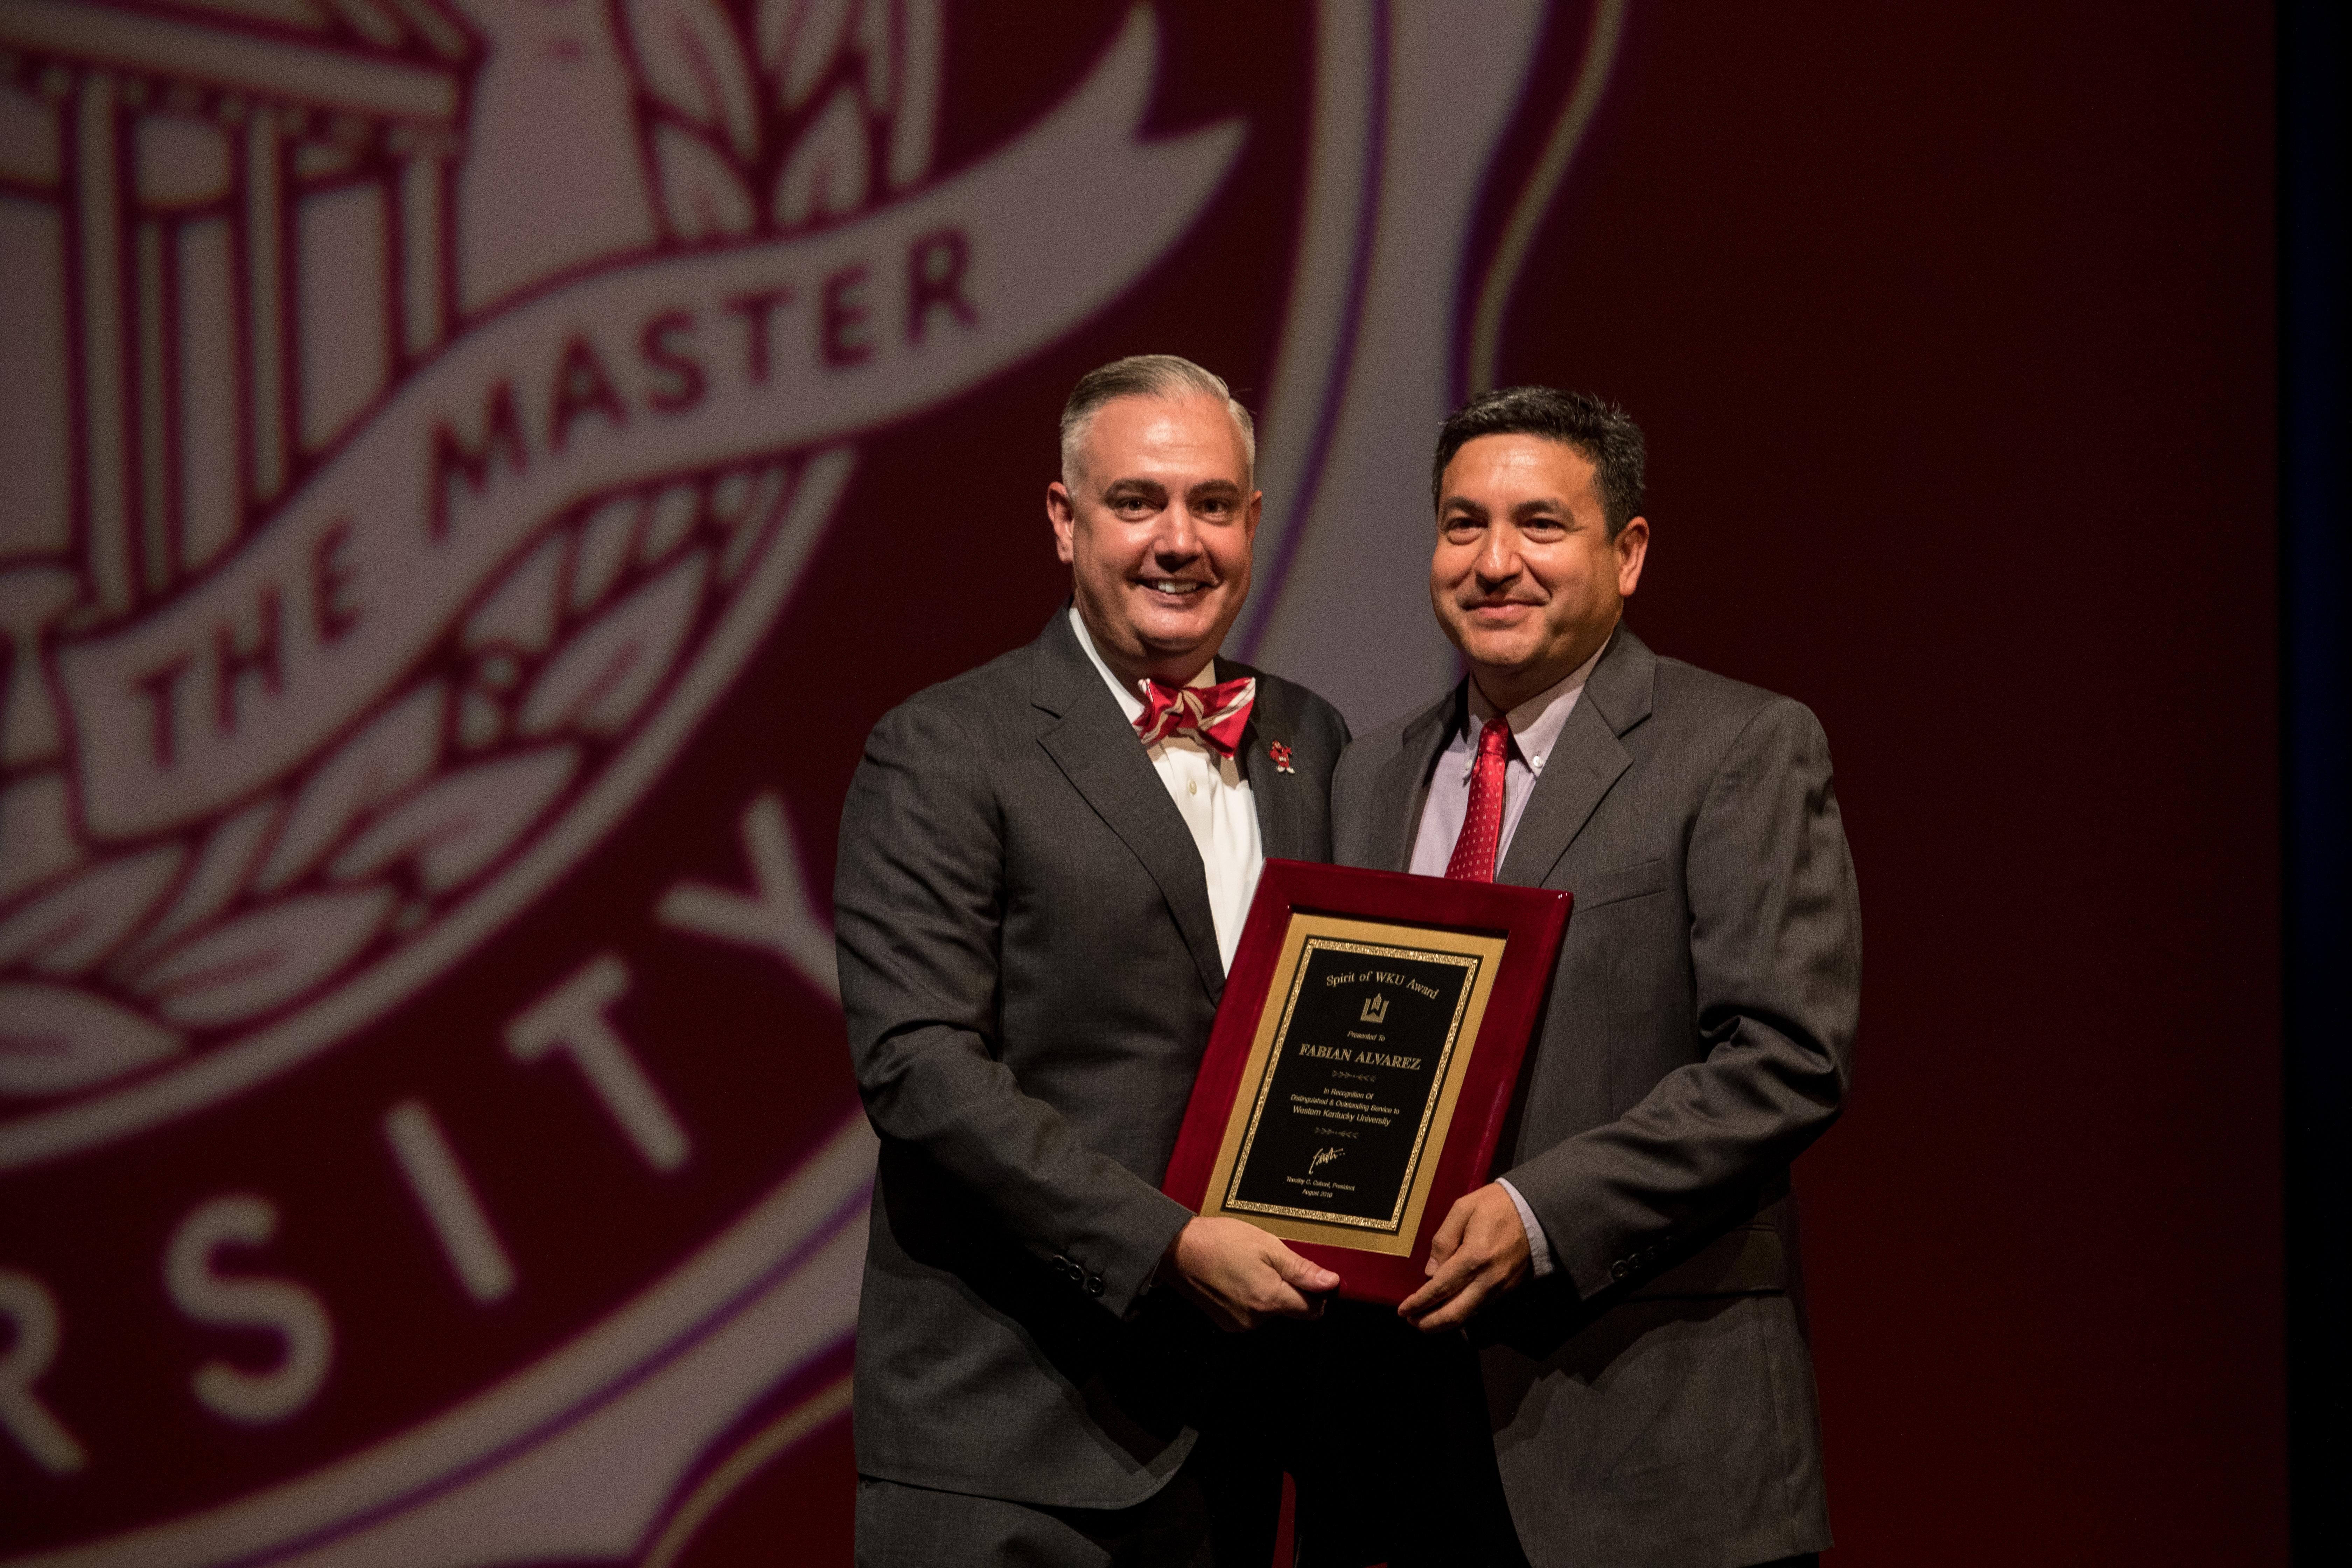 The Spirit of WKU was awarded to Fabian Alvarez.